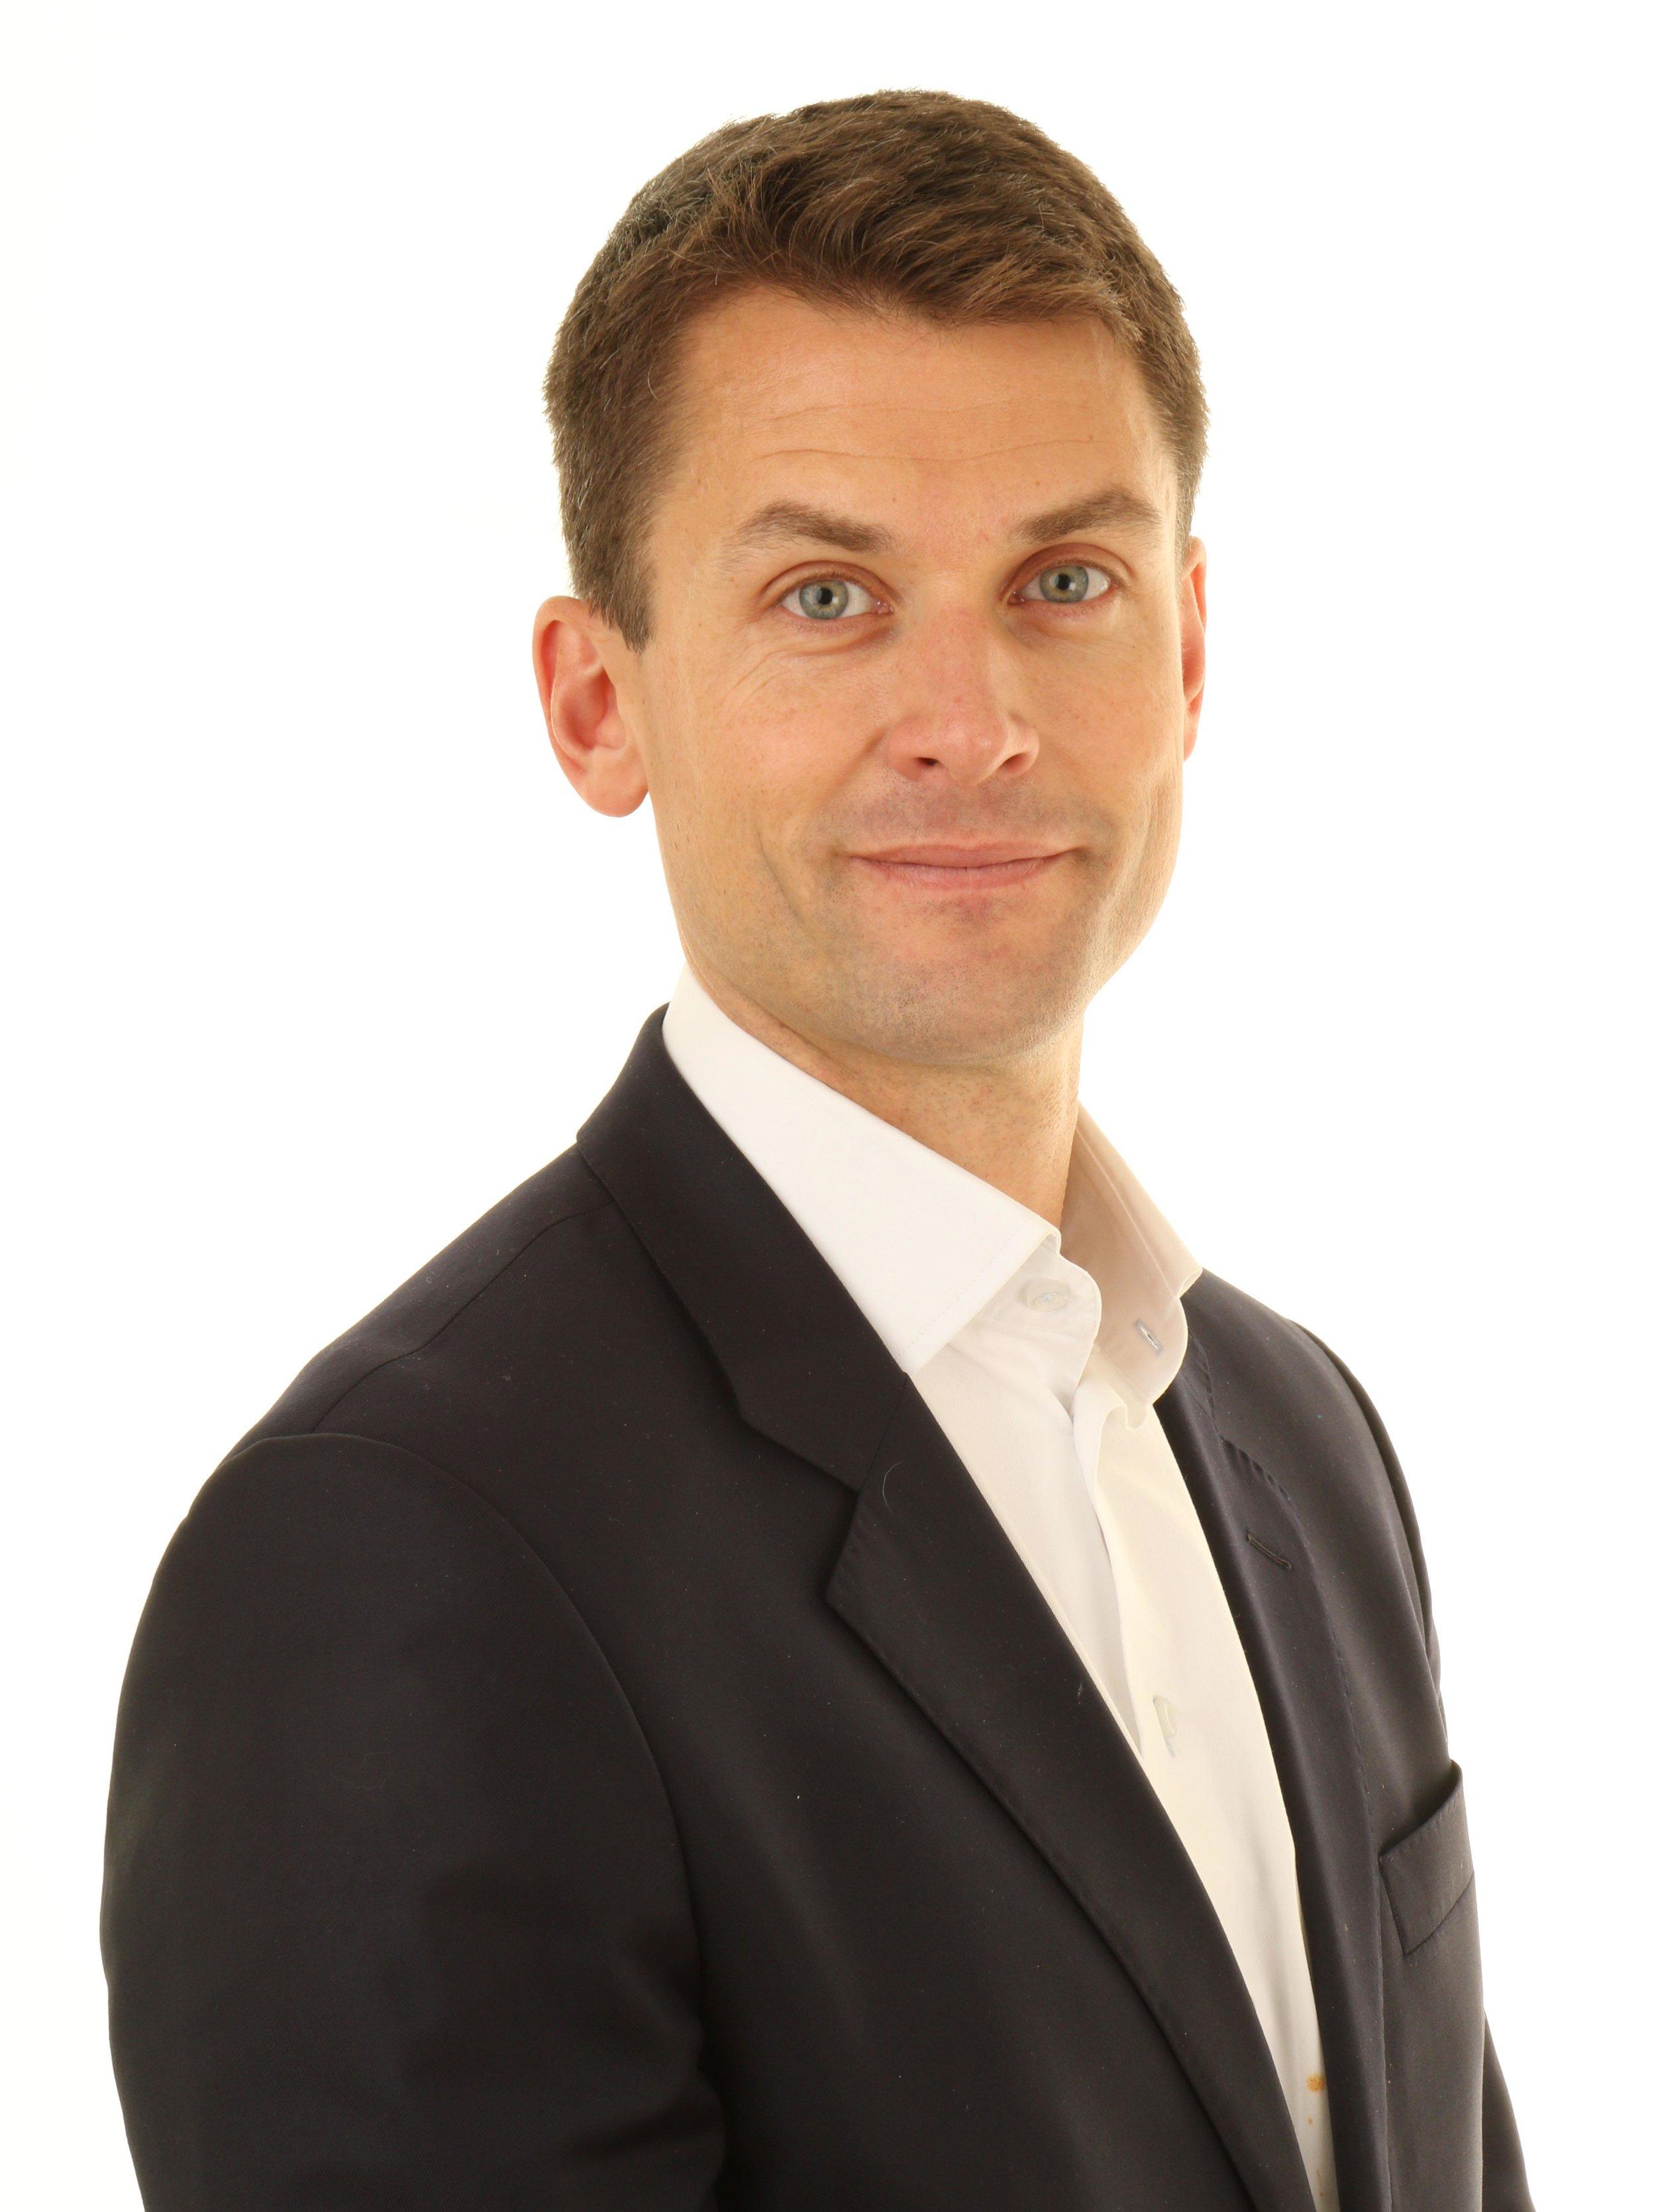 Ole Christian Skjaker